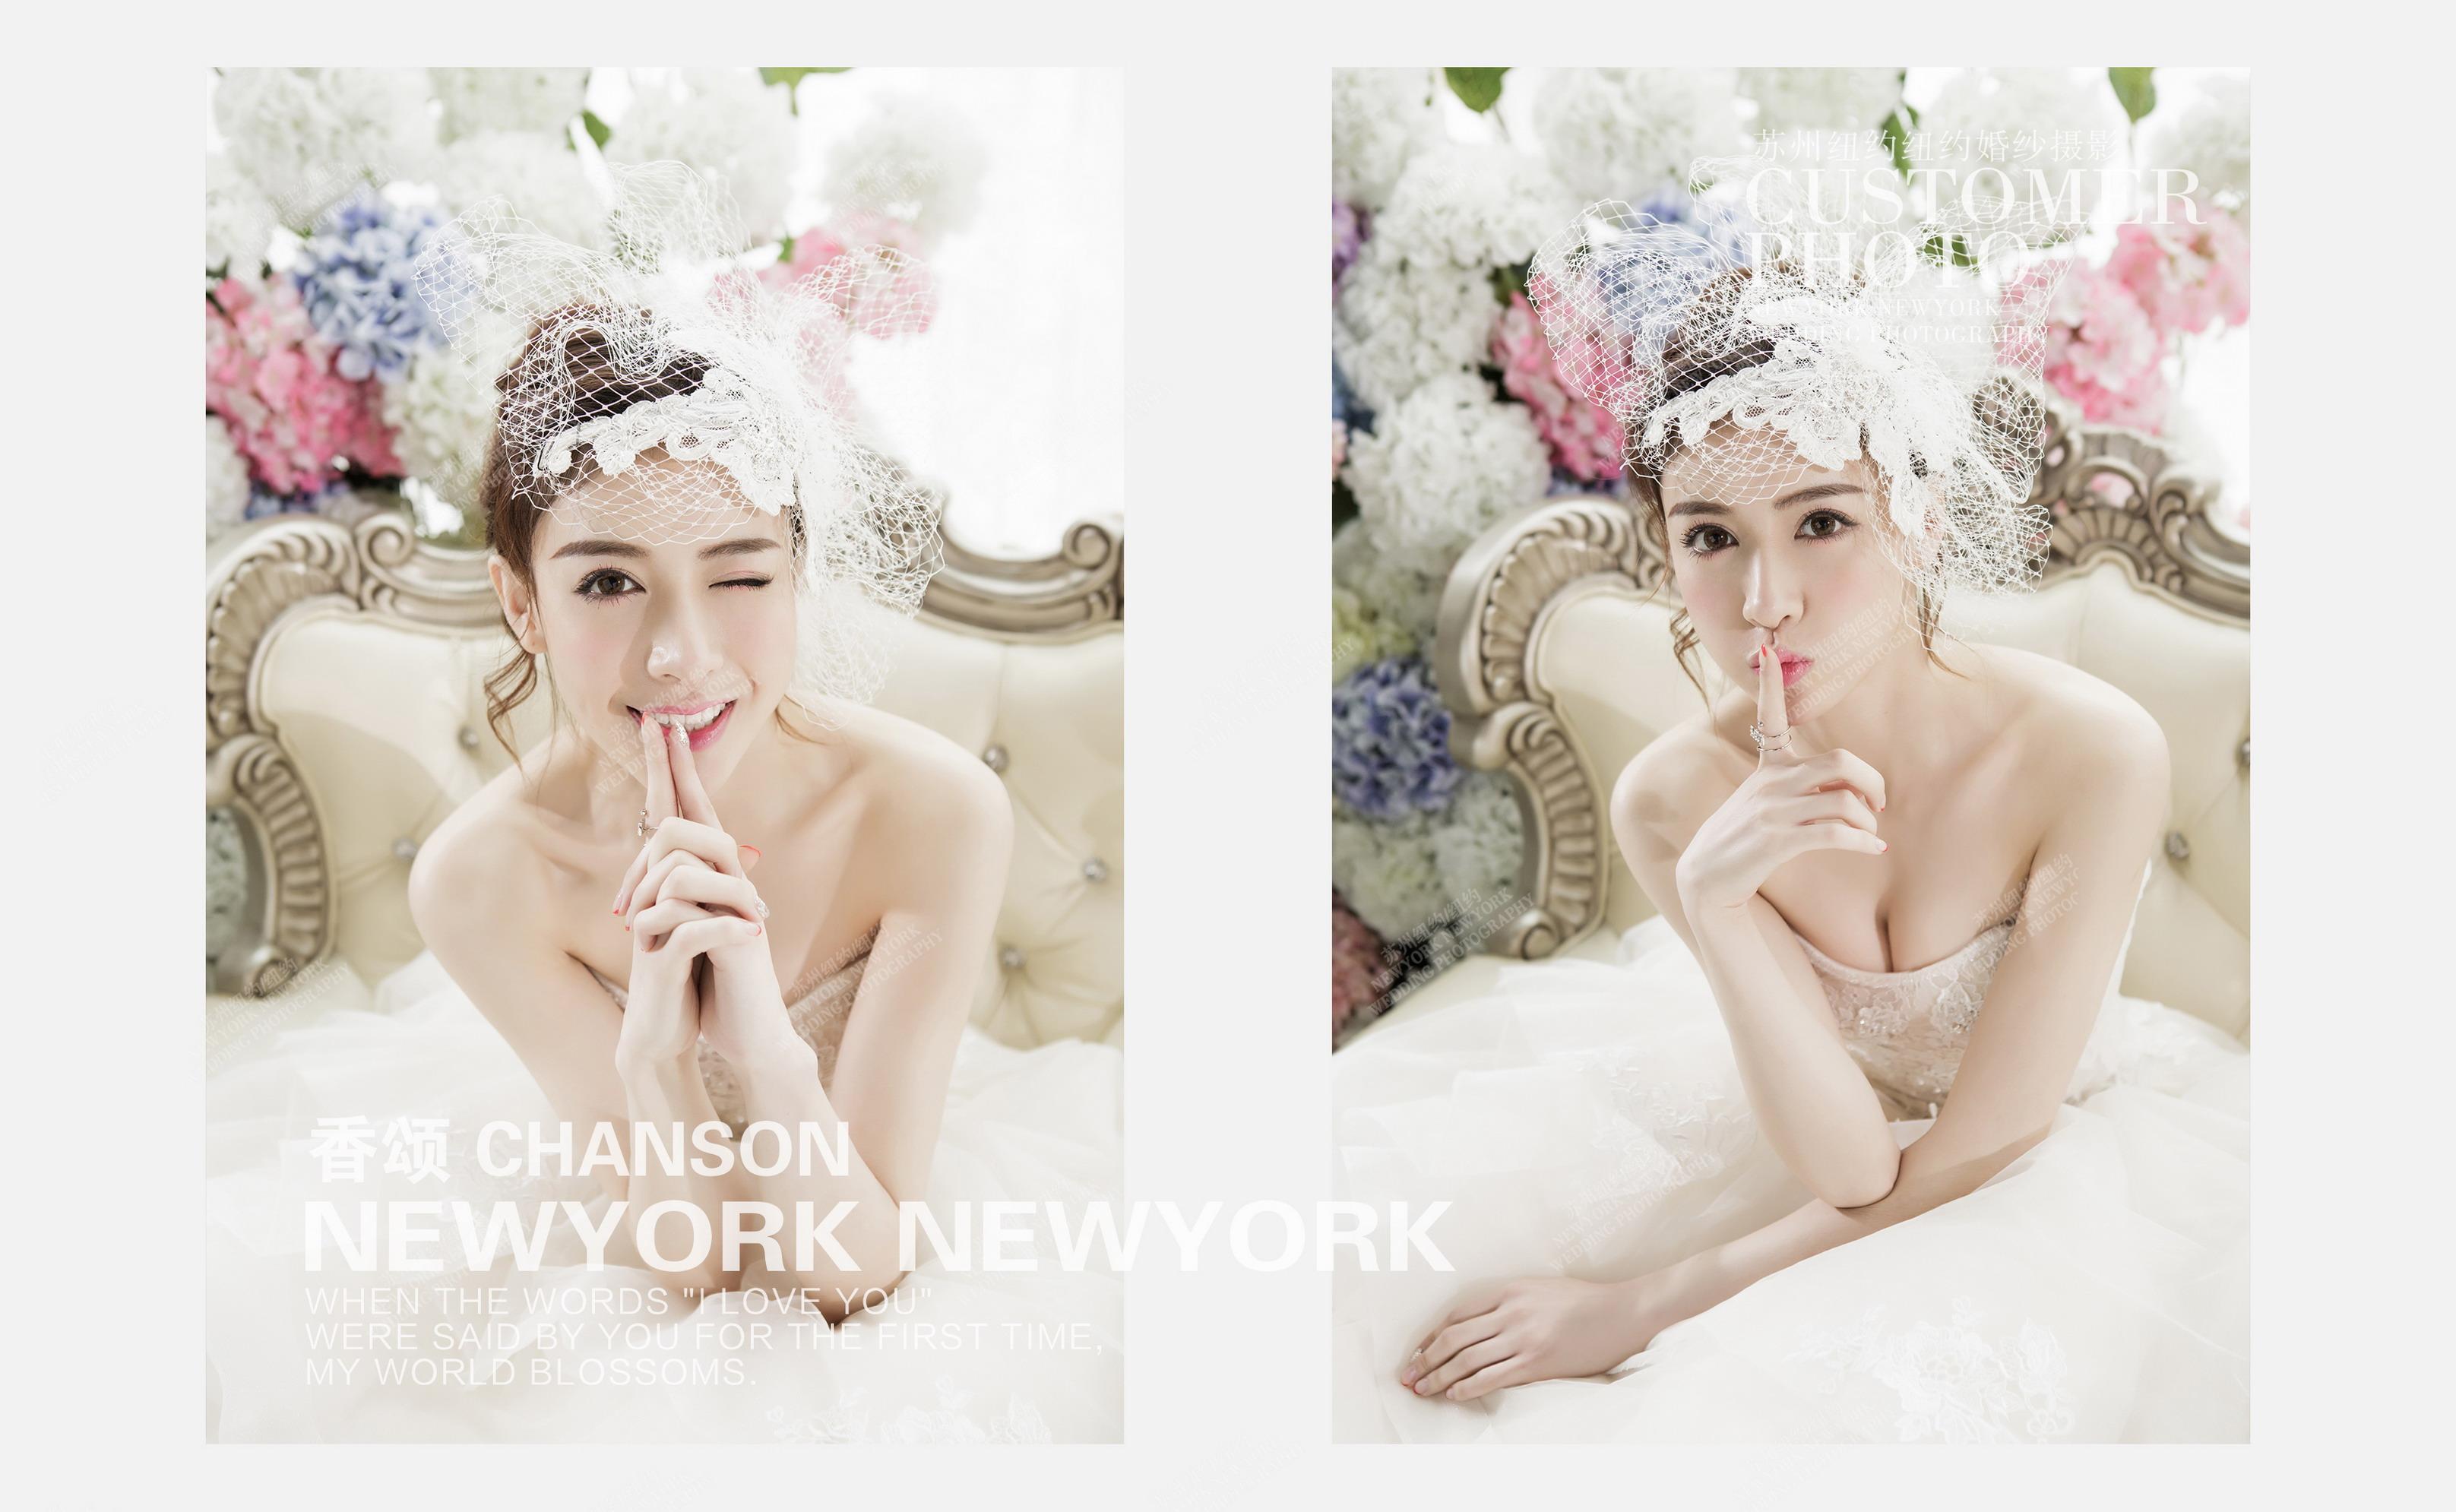 香颂婚纱摄影照